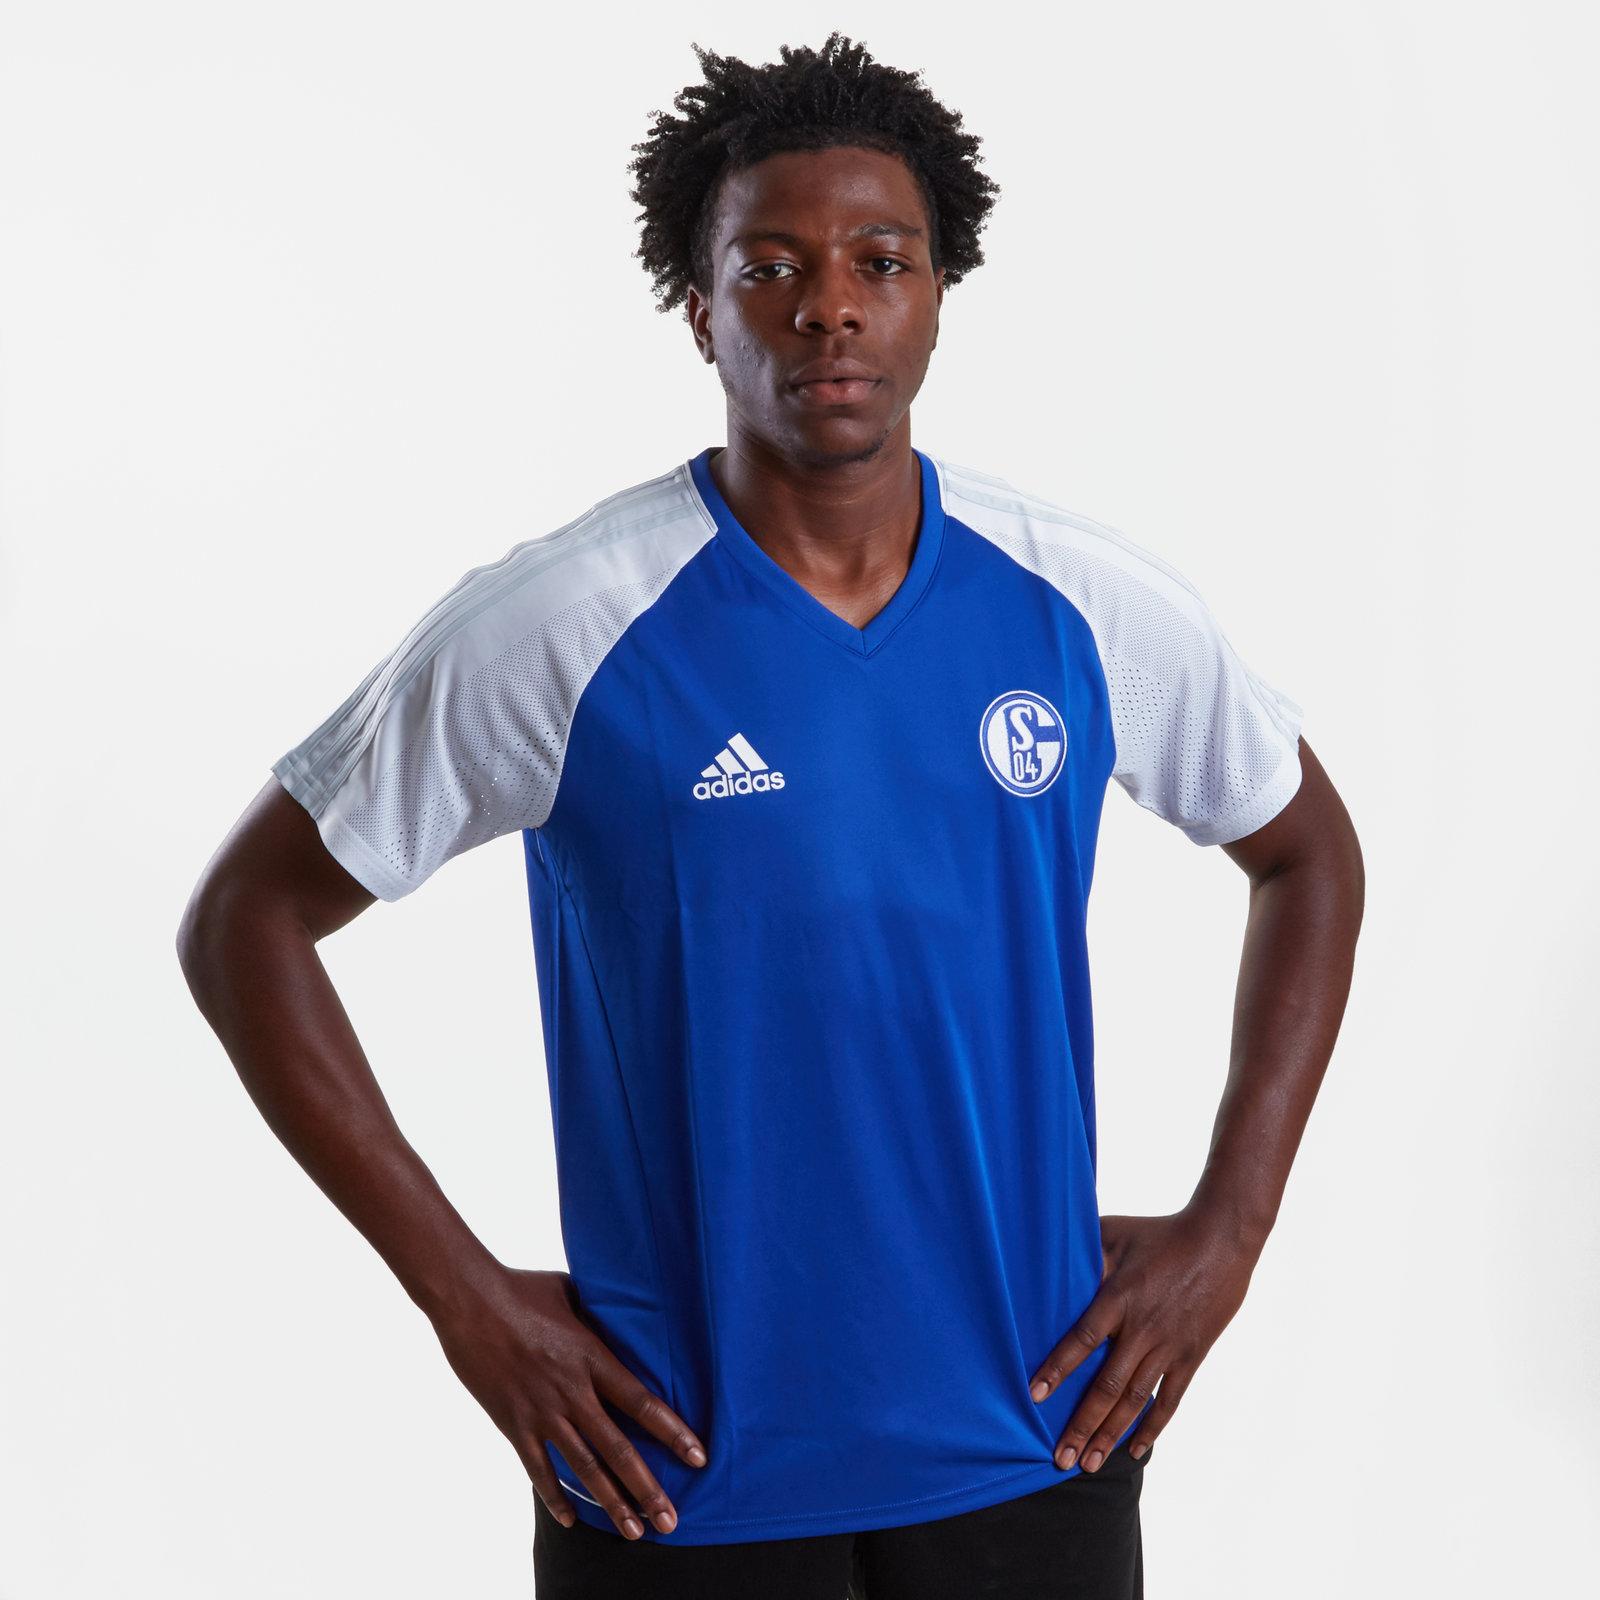 c79504d39d4 adidas Mens FC Schalke 04 17/18 Players S/S Football Training Shirt Sports